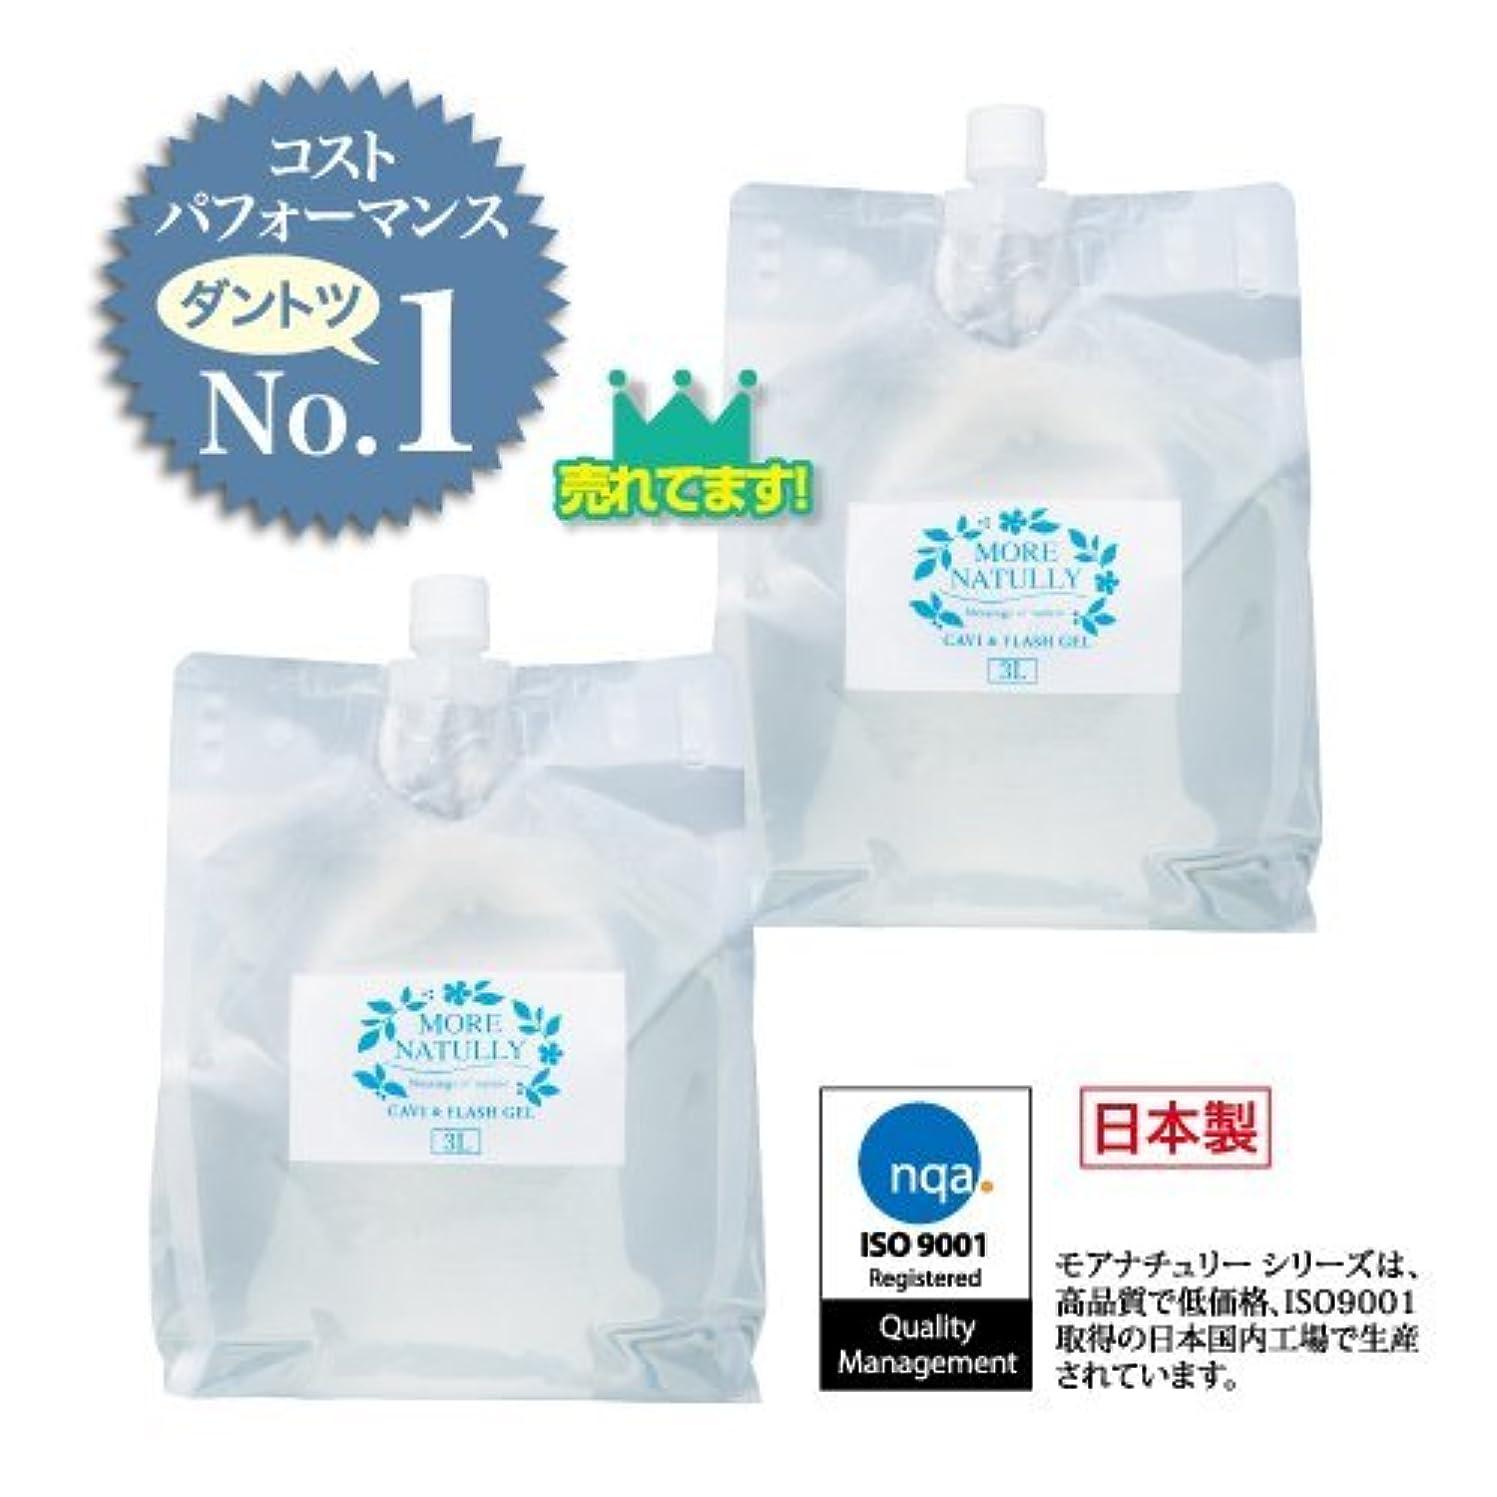 帰る対称筋モアナチュリー キャビ&フラッシュジェル 【ソフト】3kg×2袋